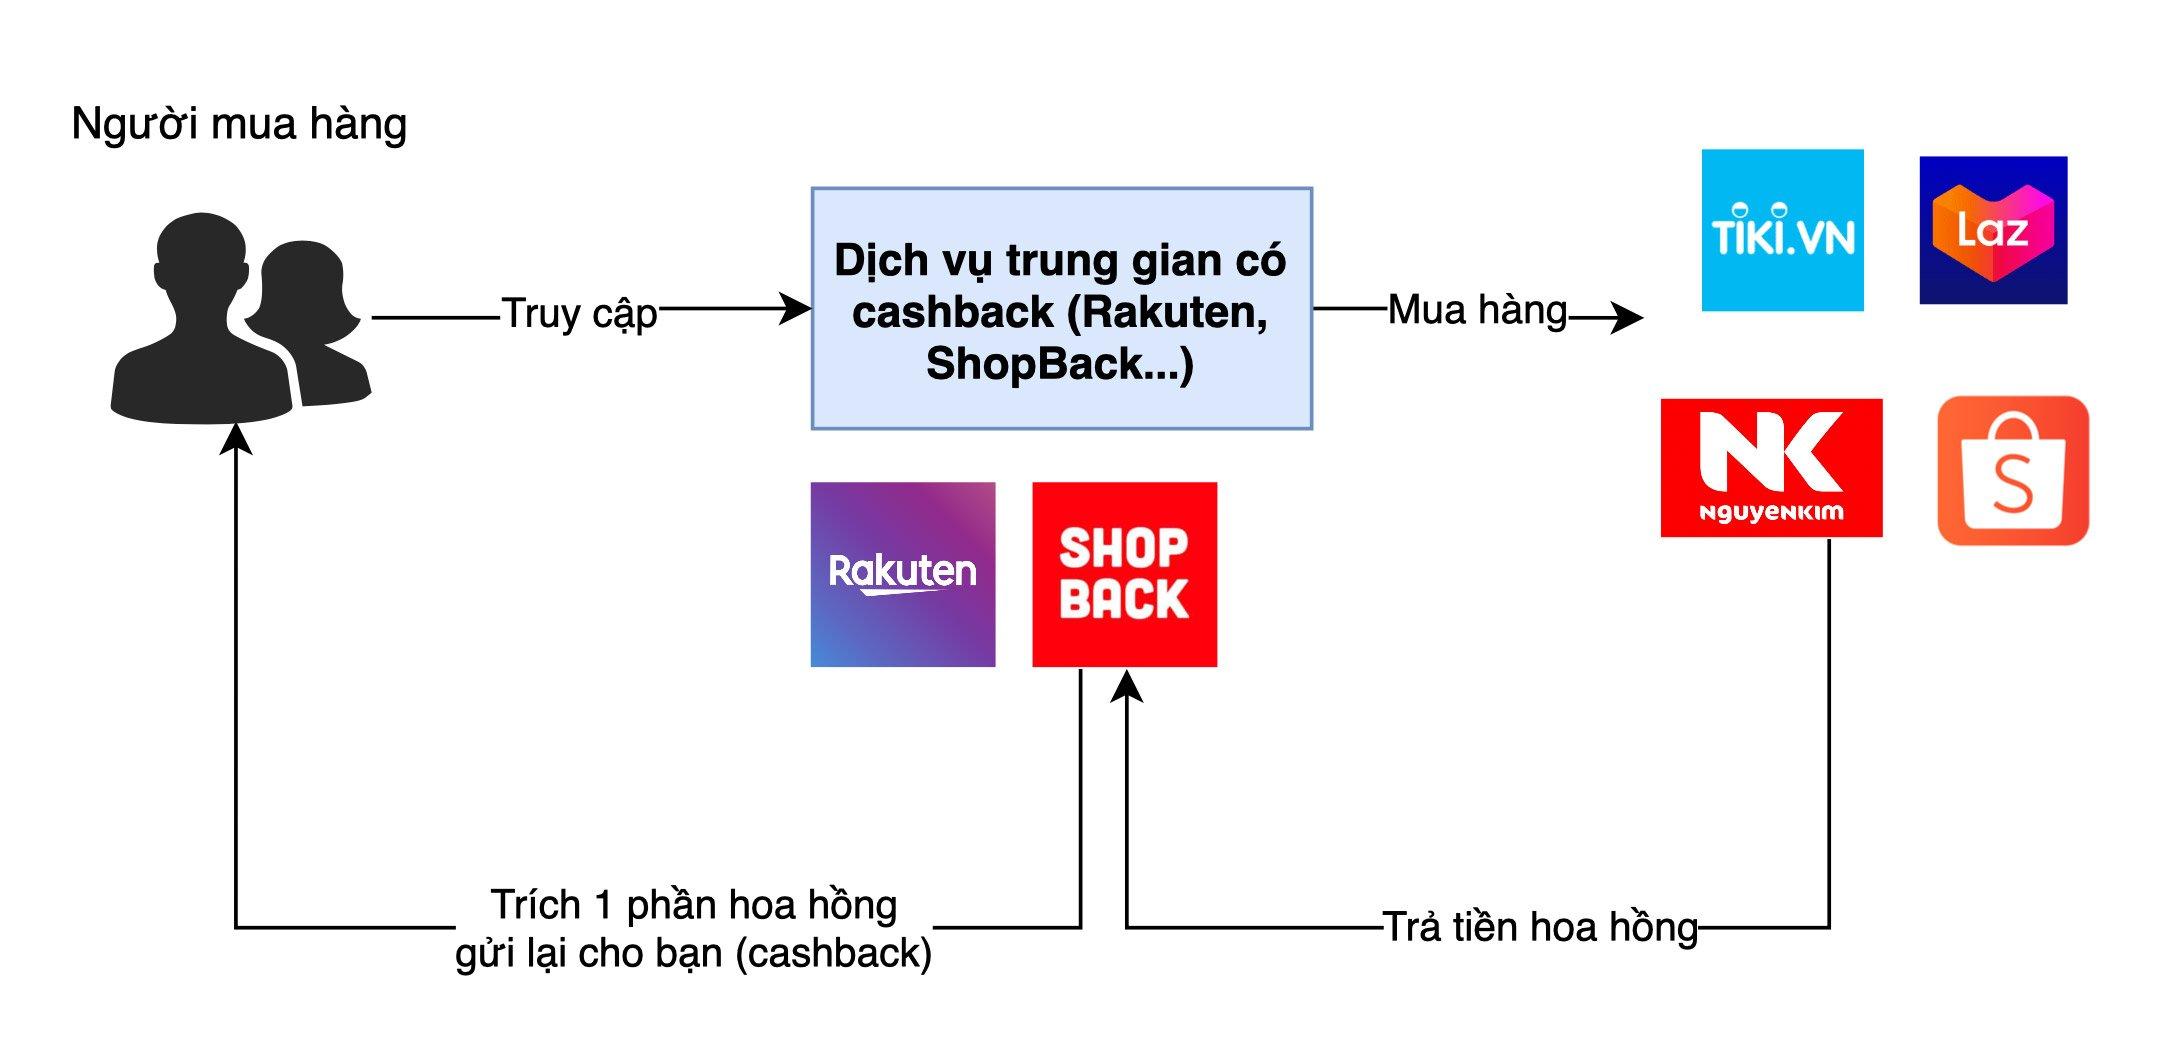 shopback